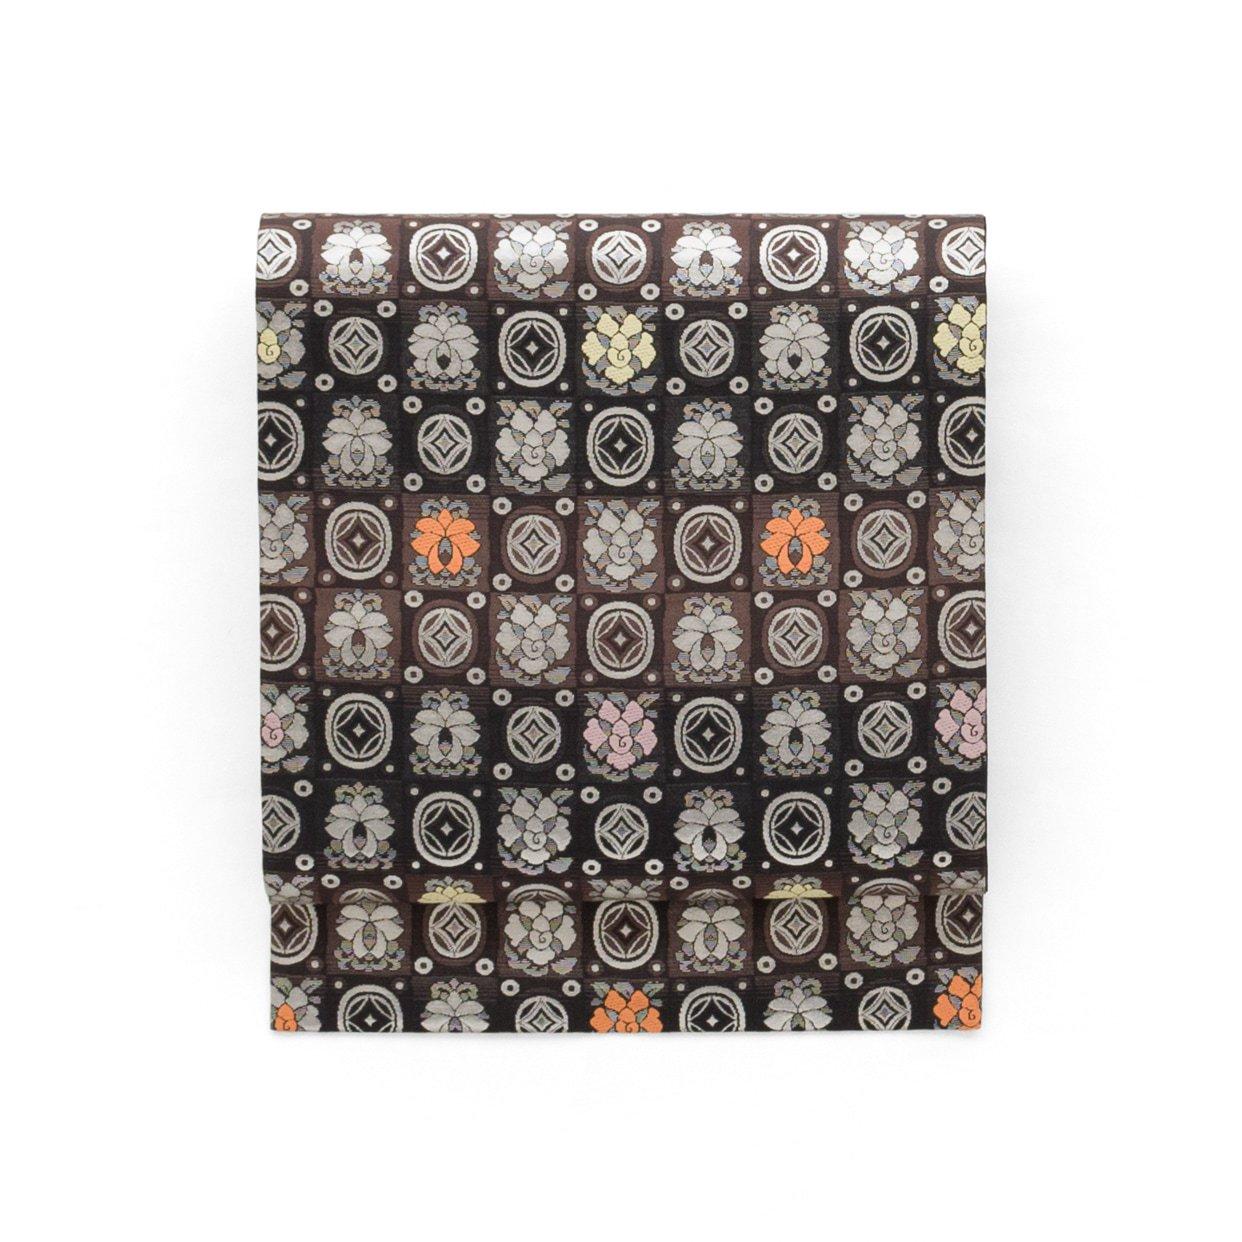 「格子に花と鍔」の商品画像